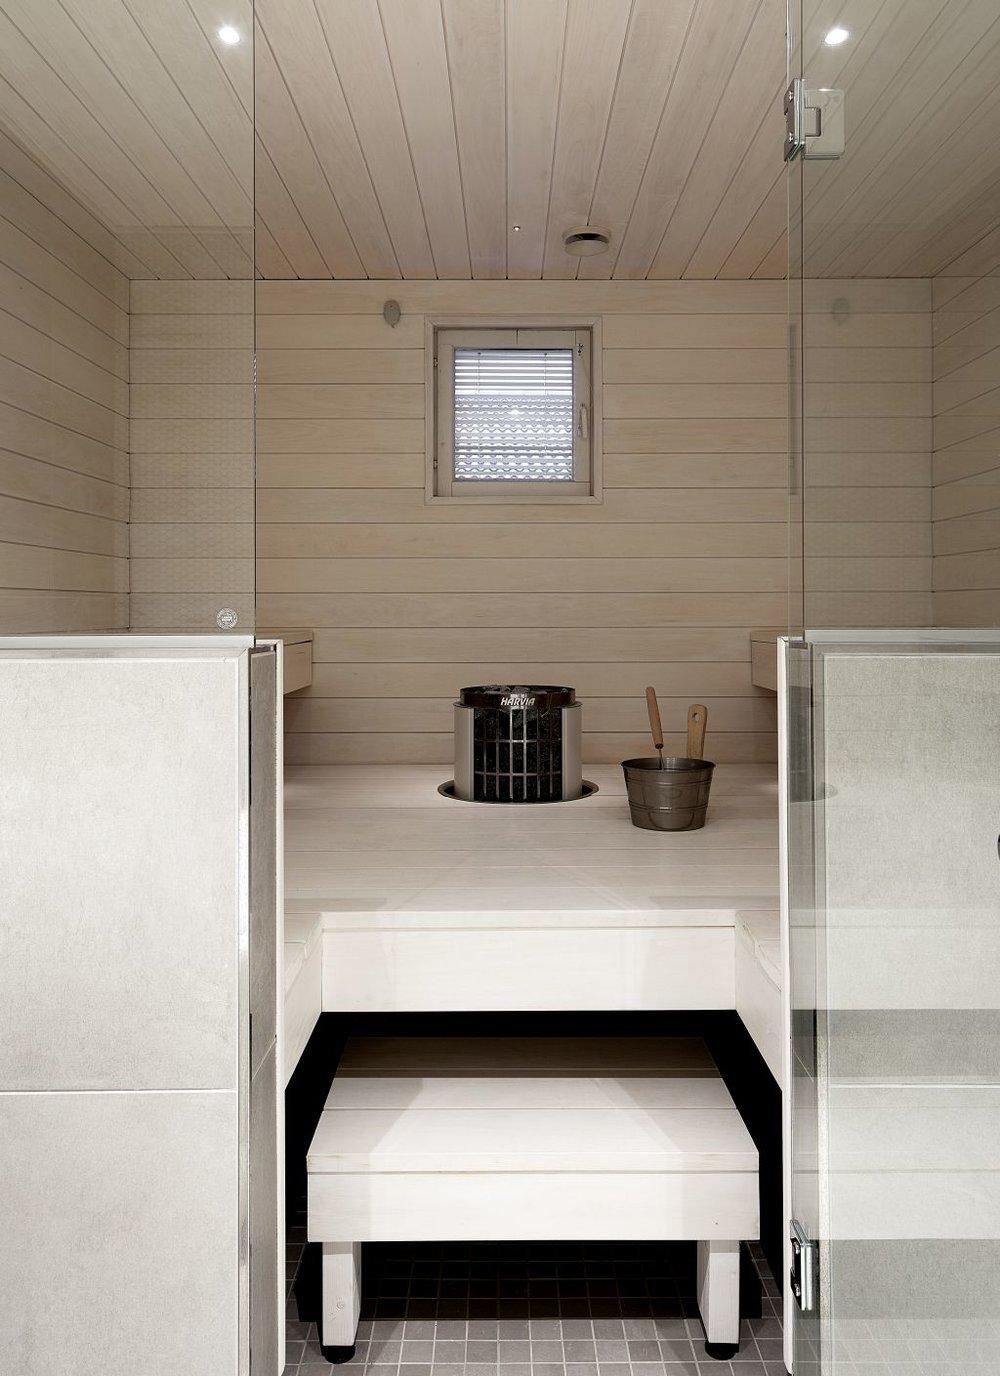 interior-anna-koponen-02 p.jpg